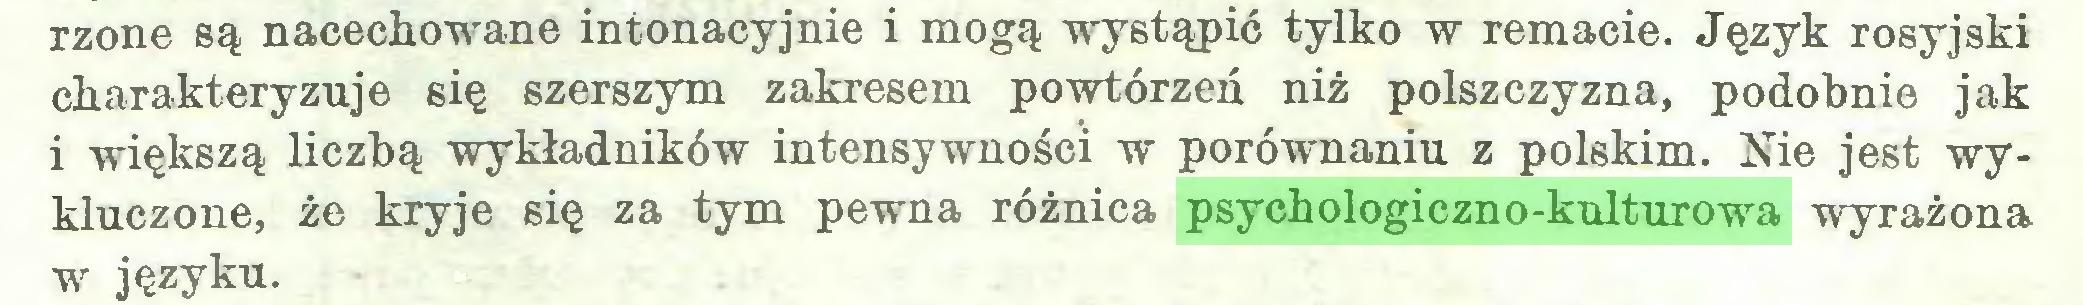 (...) rzone są nacechowane intonacyjnie i mogą wystąpić tylko w remacie. Język rosyjski charakteryzuje się szerszym zakresem powtórzeń niż polszczyzna, podobnie jak i większą liczbą wykładników intensywności w porównaniu z polskim. Nie jest wykluczone, że kryje się za tym pewna różnica psychologiczno-kulturowa wyrażona w języku...